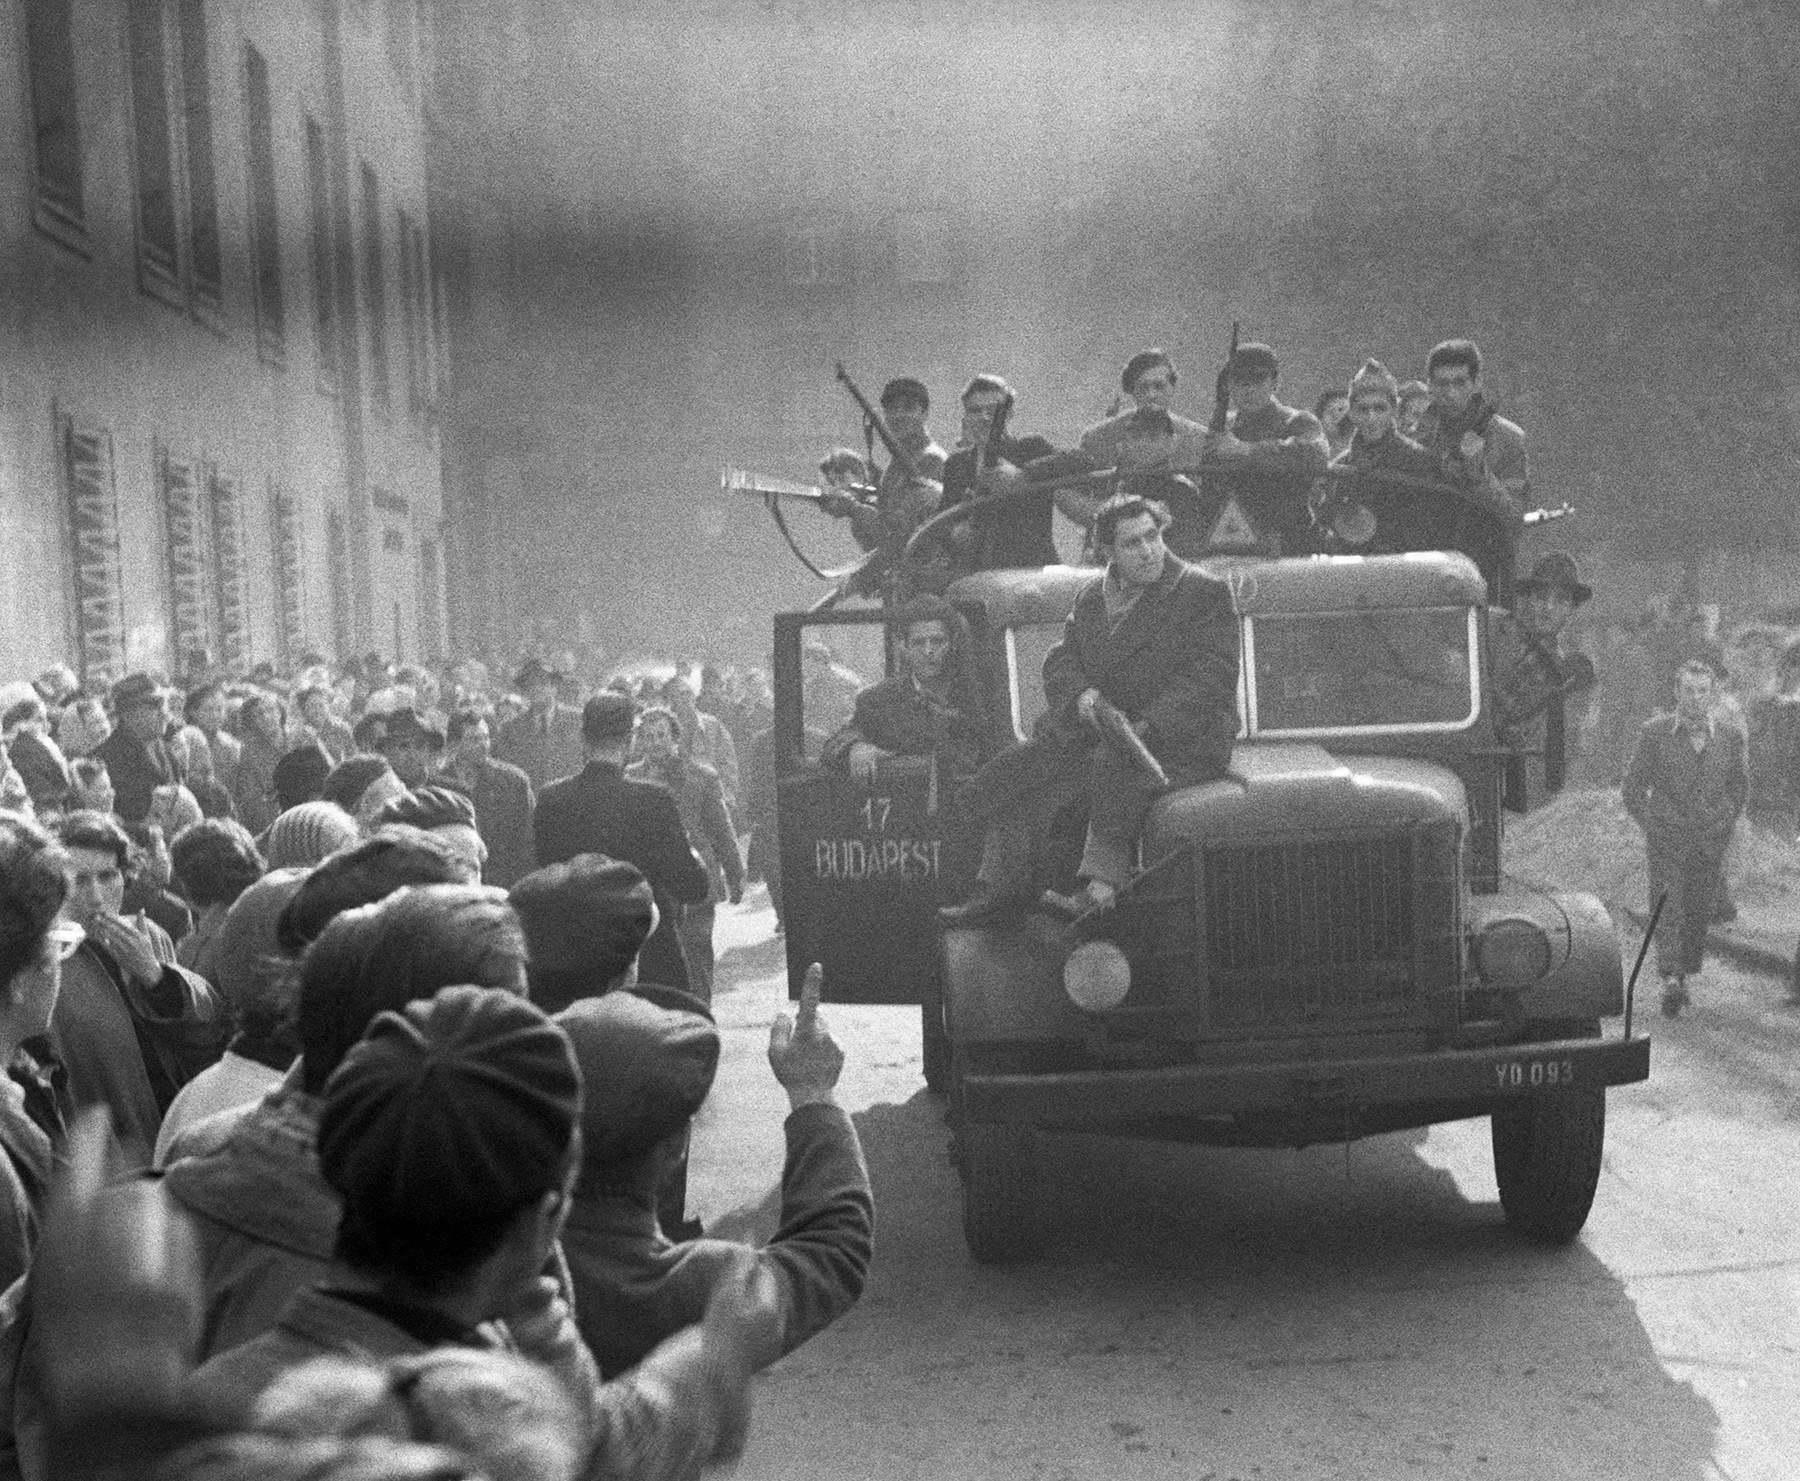 1956年11月14日、ハンガリー、ブダペスト。